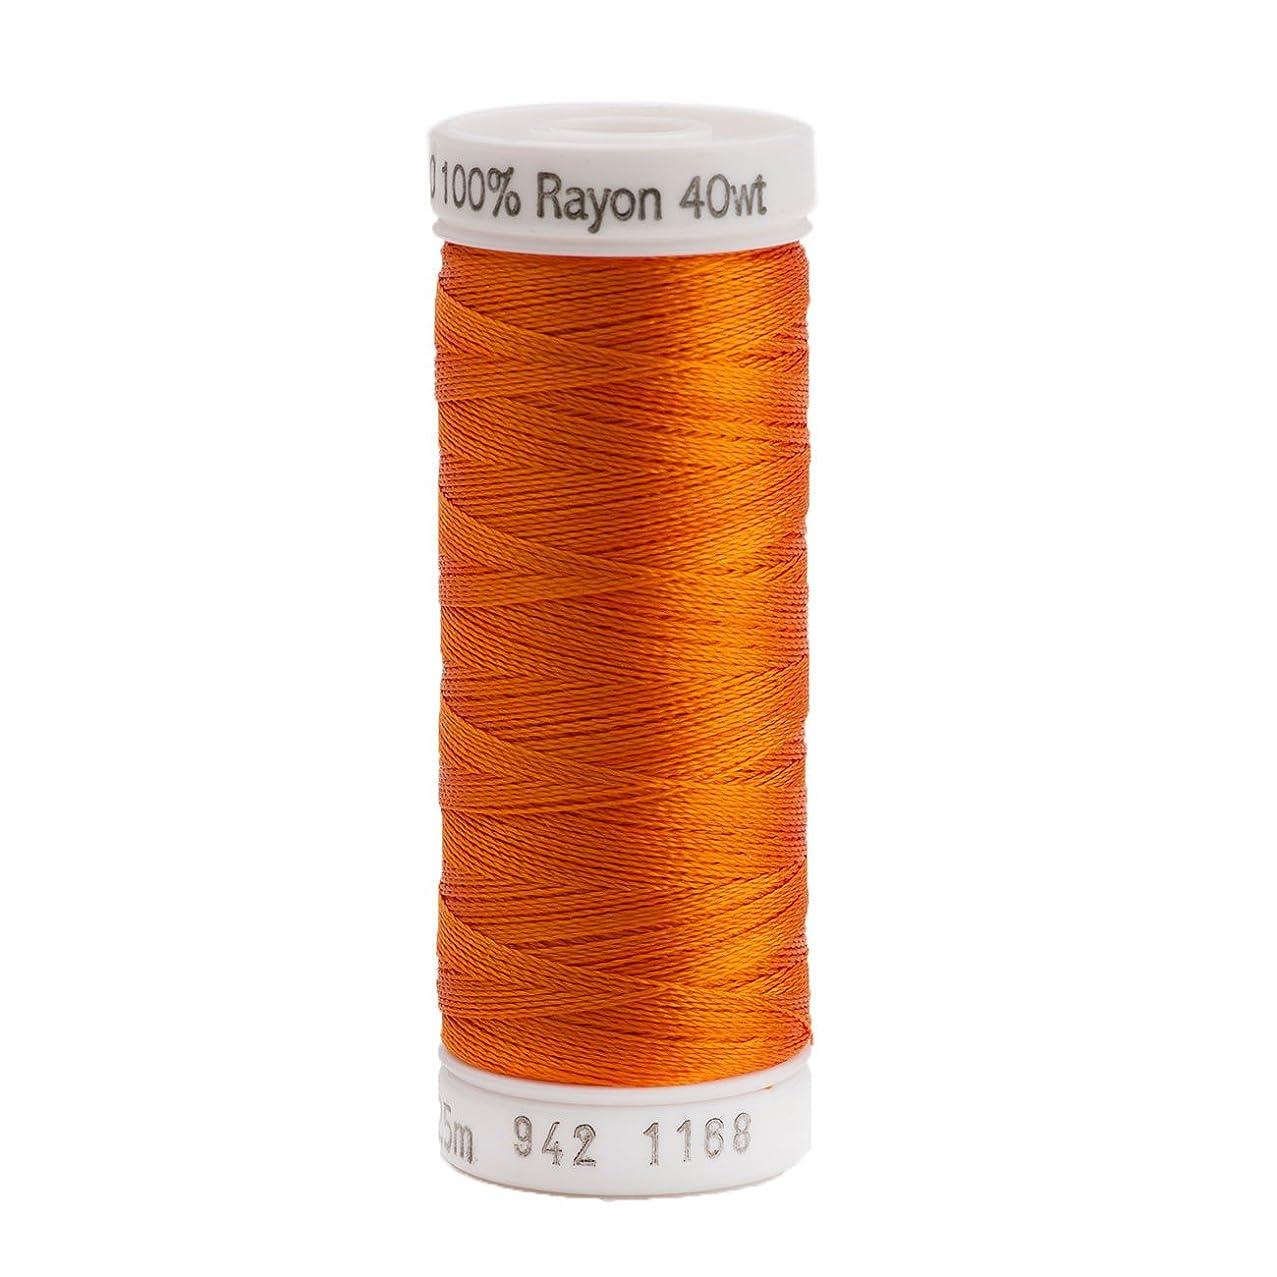 Sulky Rayon Thread for Sewing, 250-Yard, True Orange